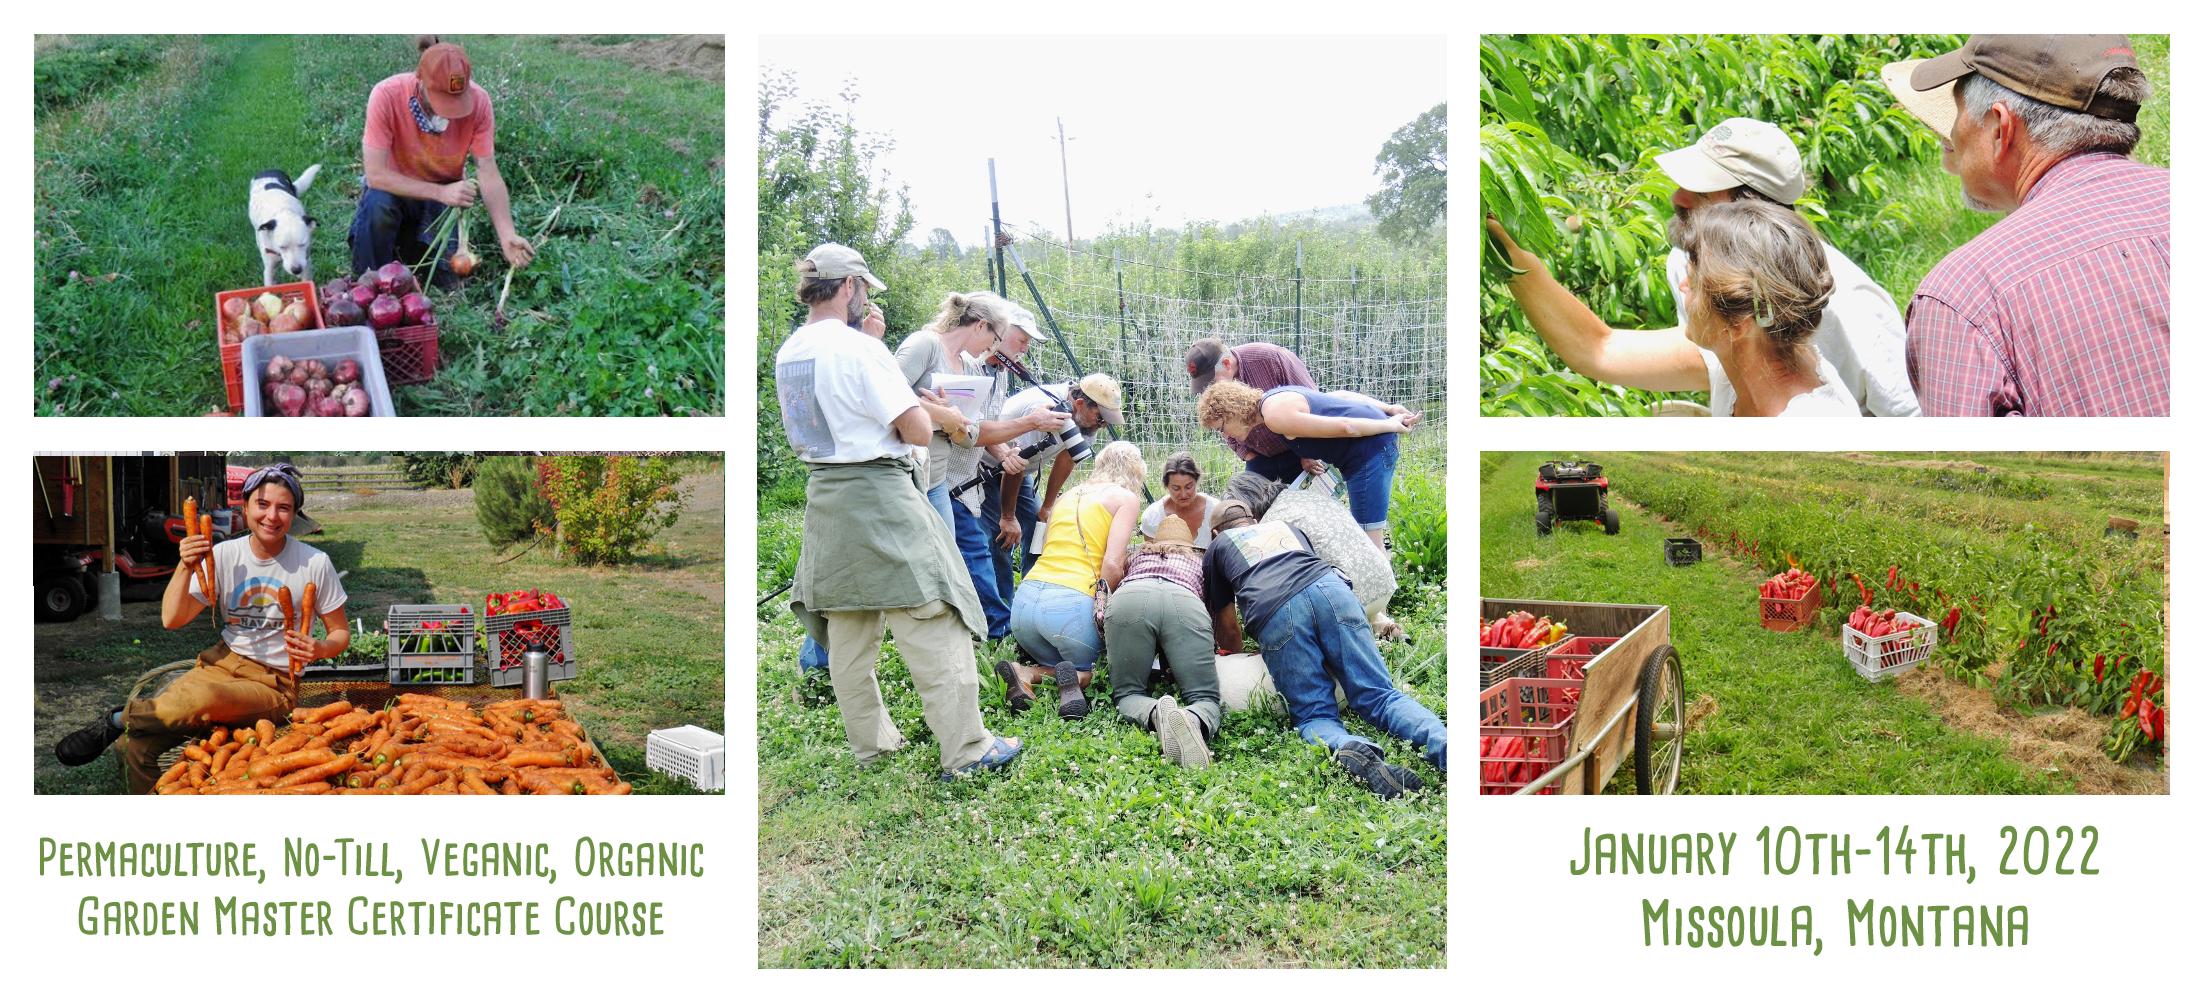 garden master course at Wheaton Labs Jan 10 through 14 2022